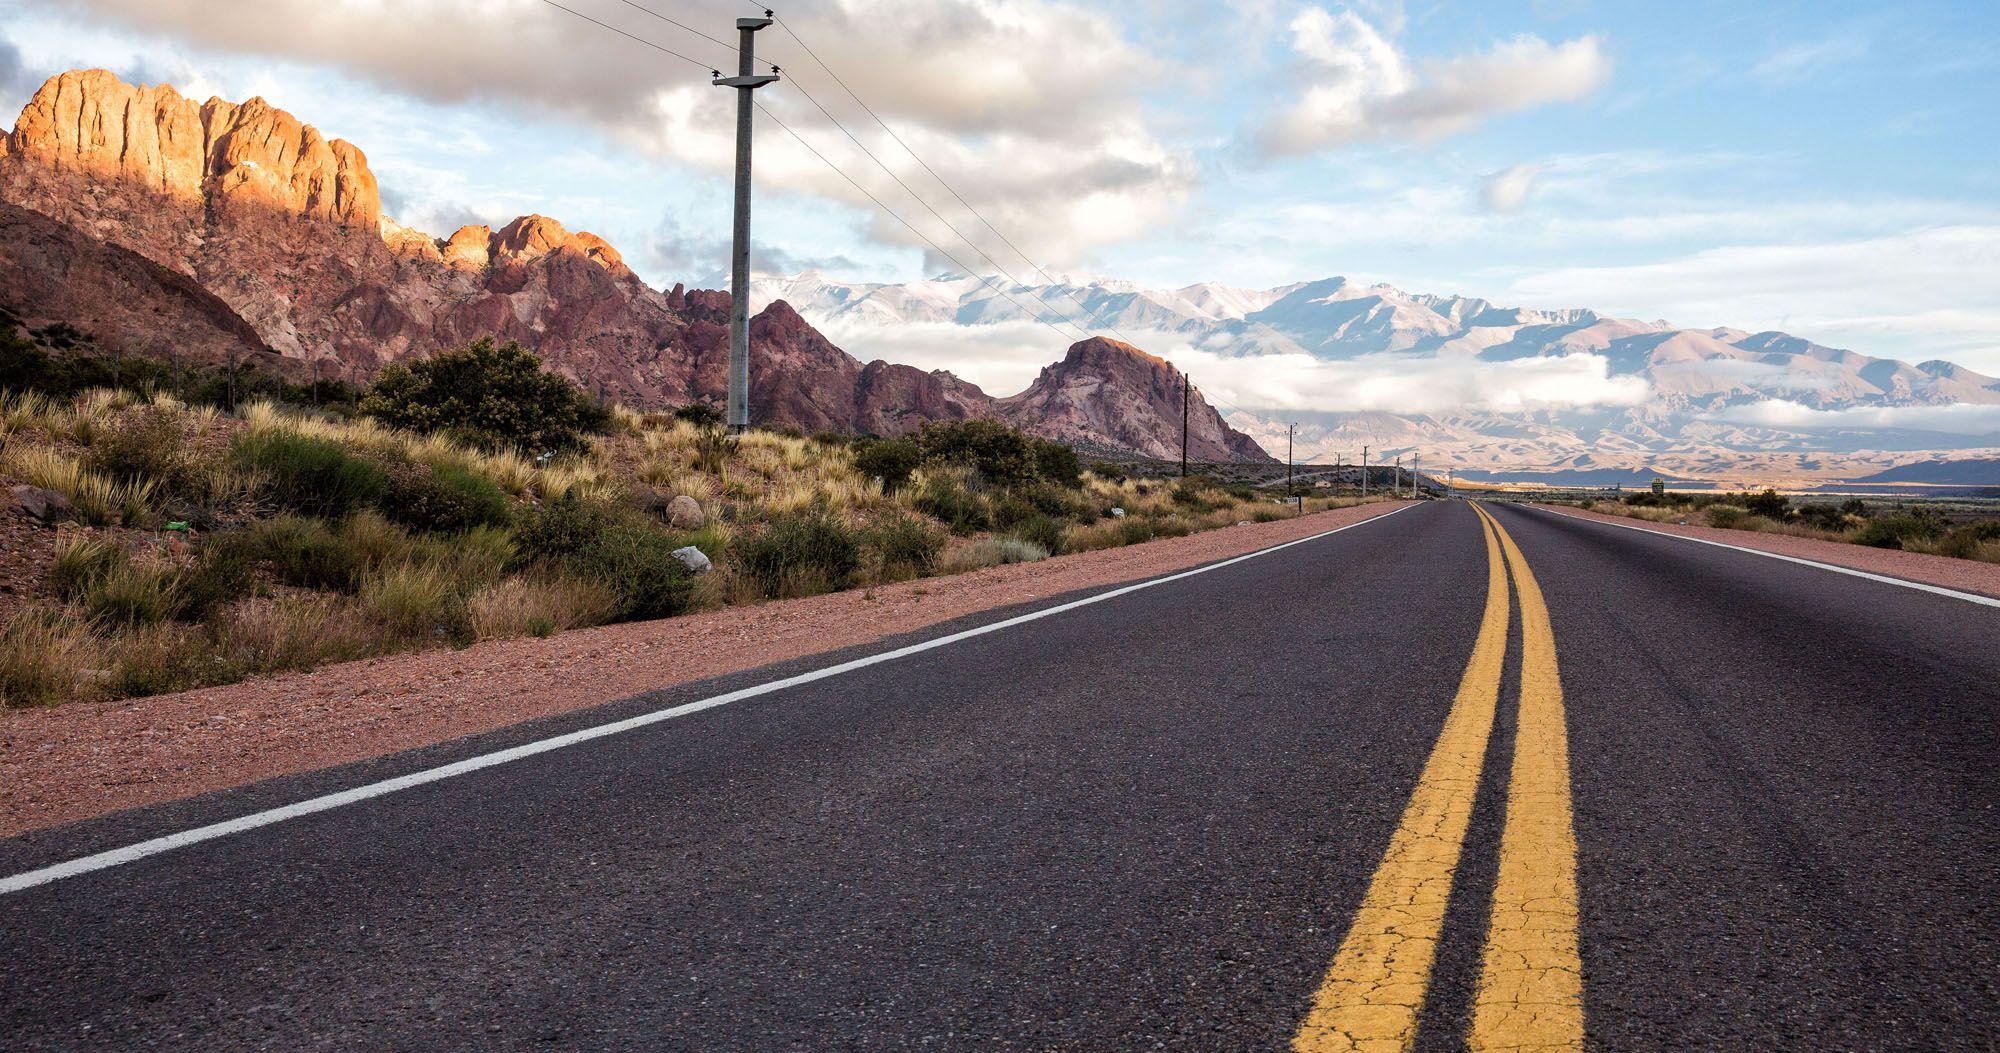 Driving Santiago to Mendoza